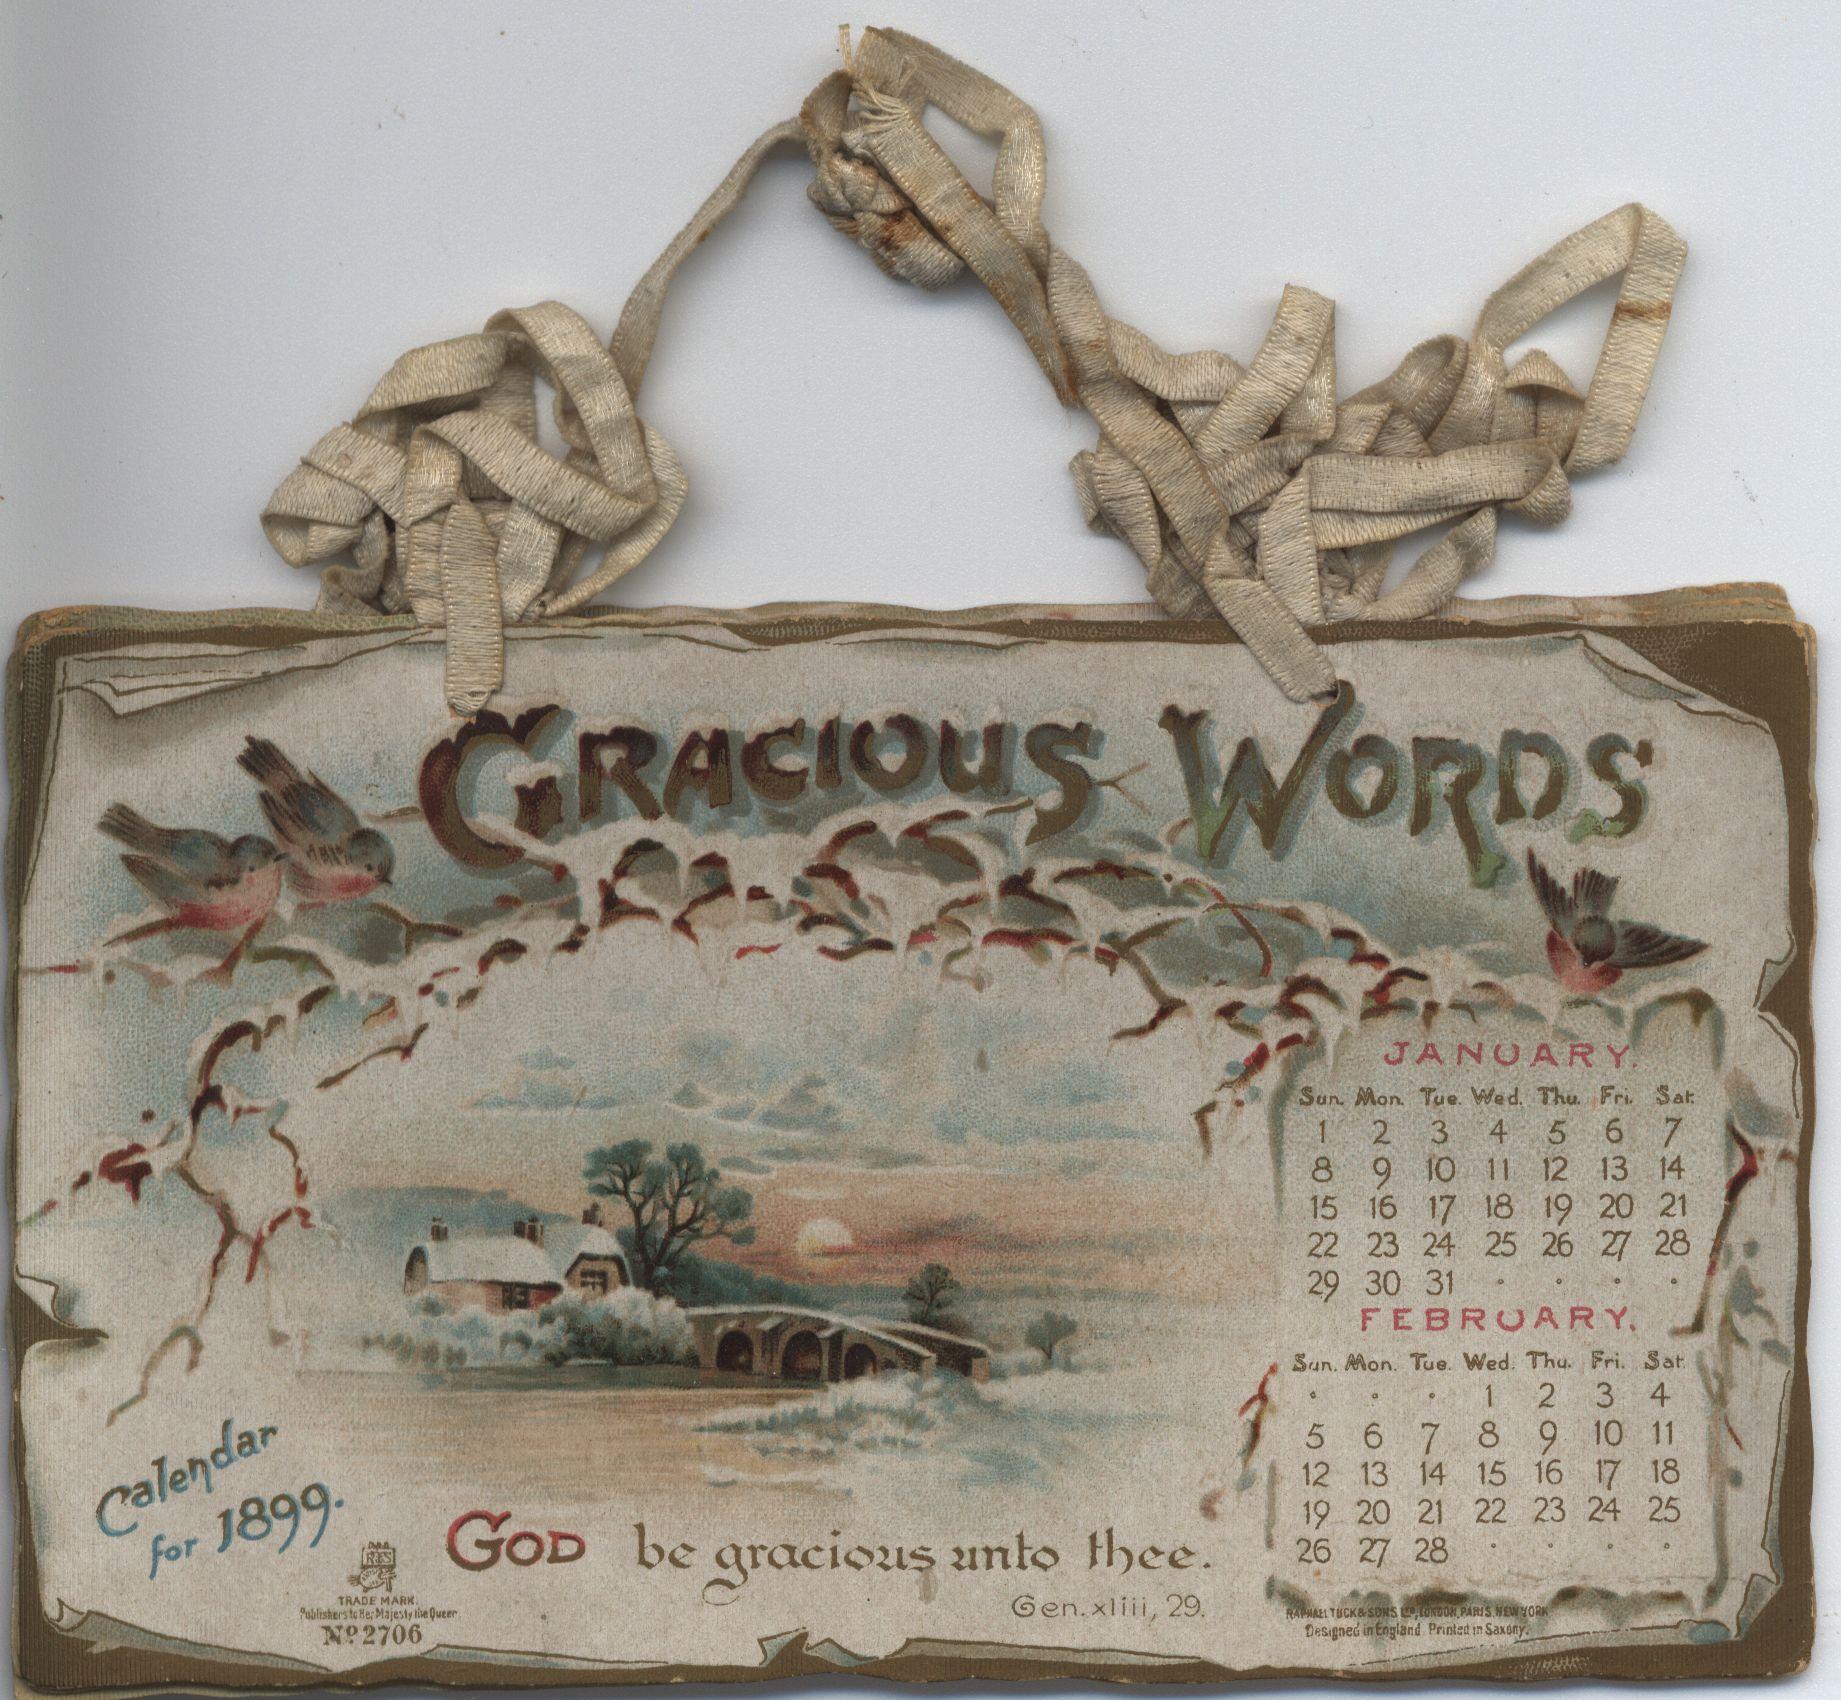 GRACIOUS WORDS CALENDAR FOR 1899